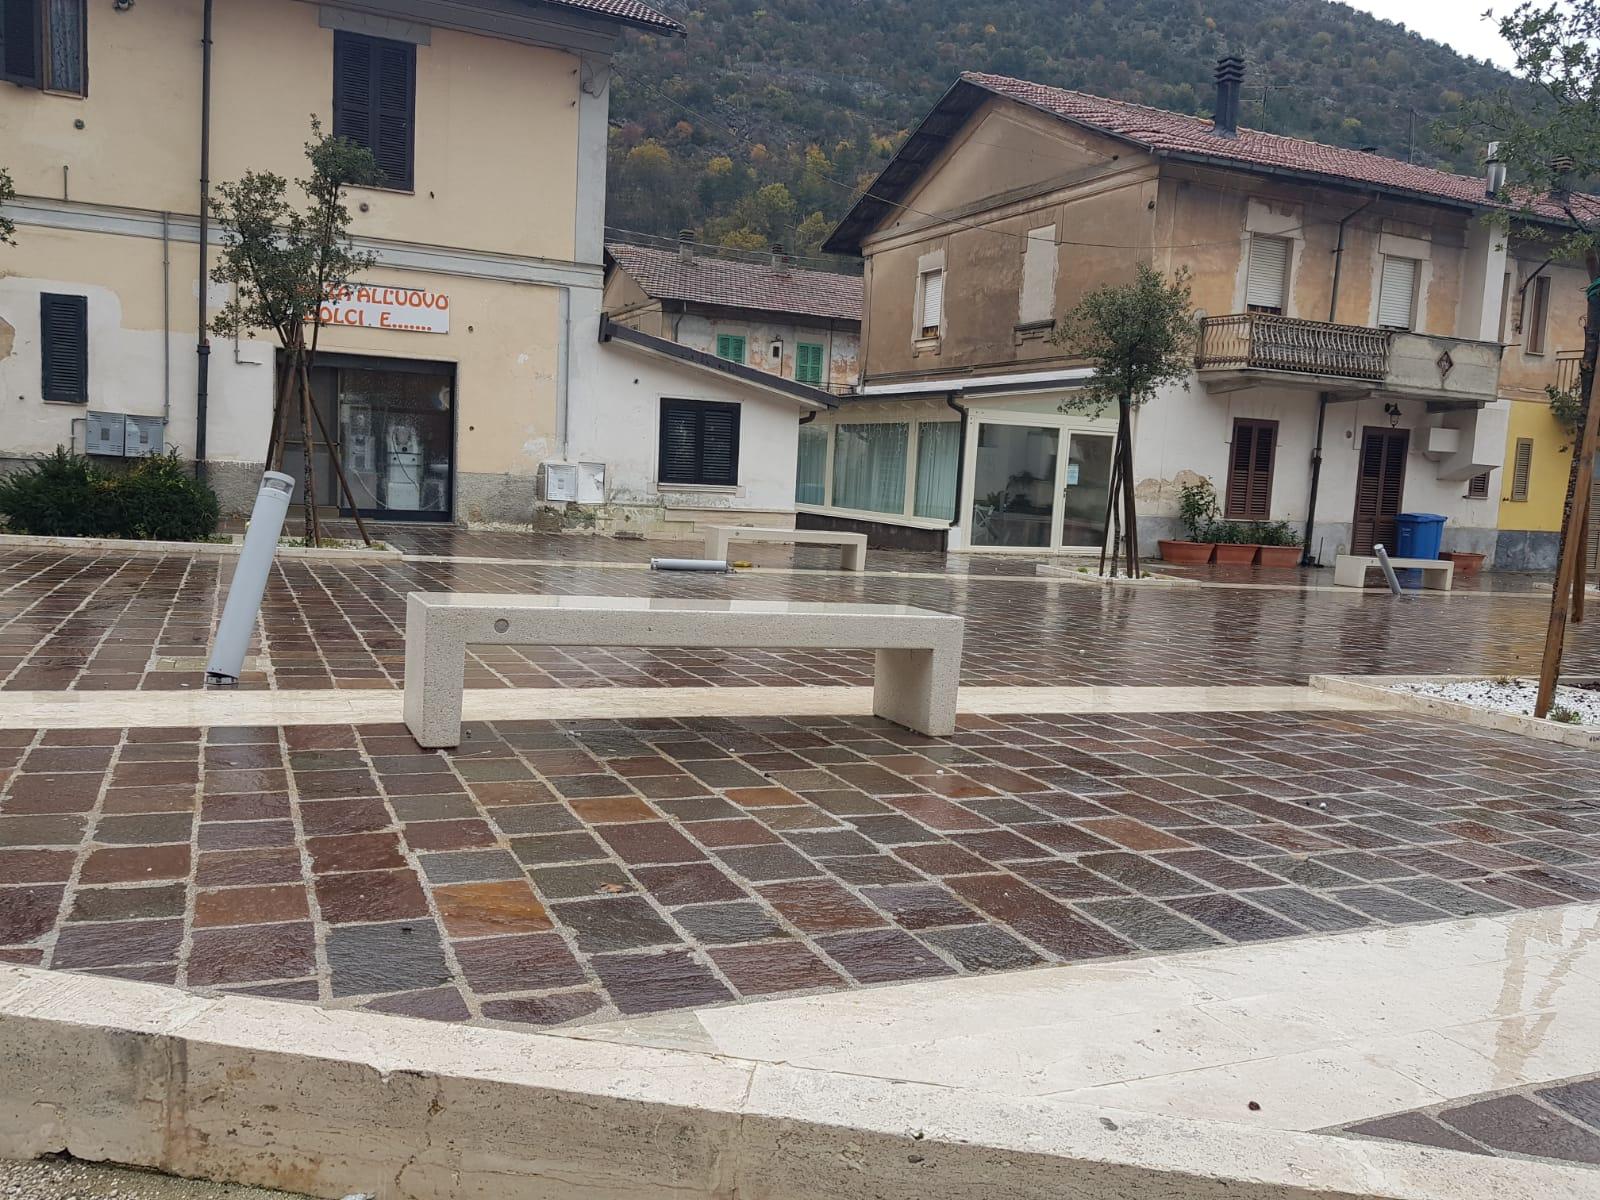 Piazza Caduti sul Lavoro nel mirino dei vandali: lampioncini divelti e strade al buio